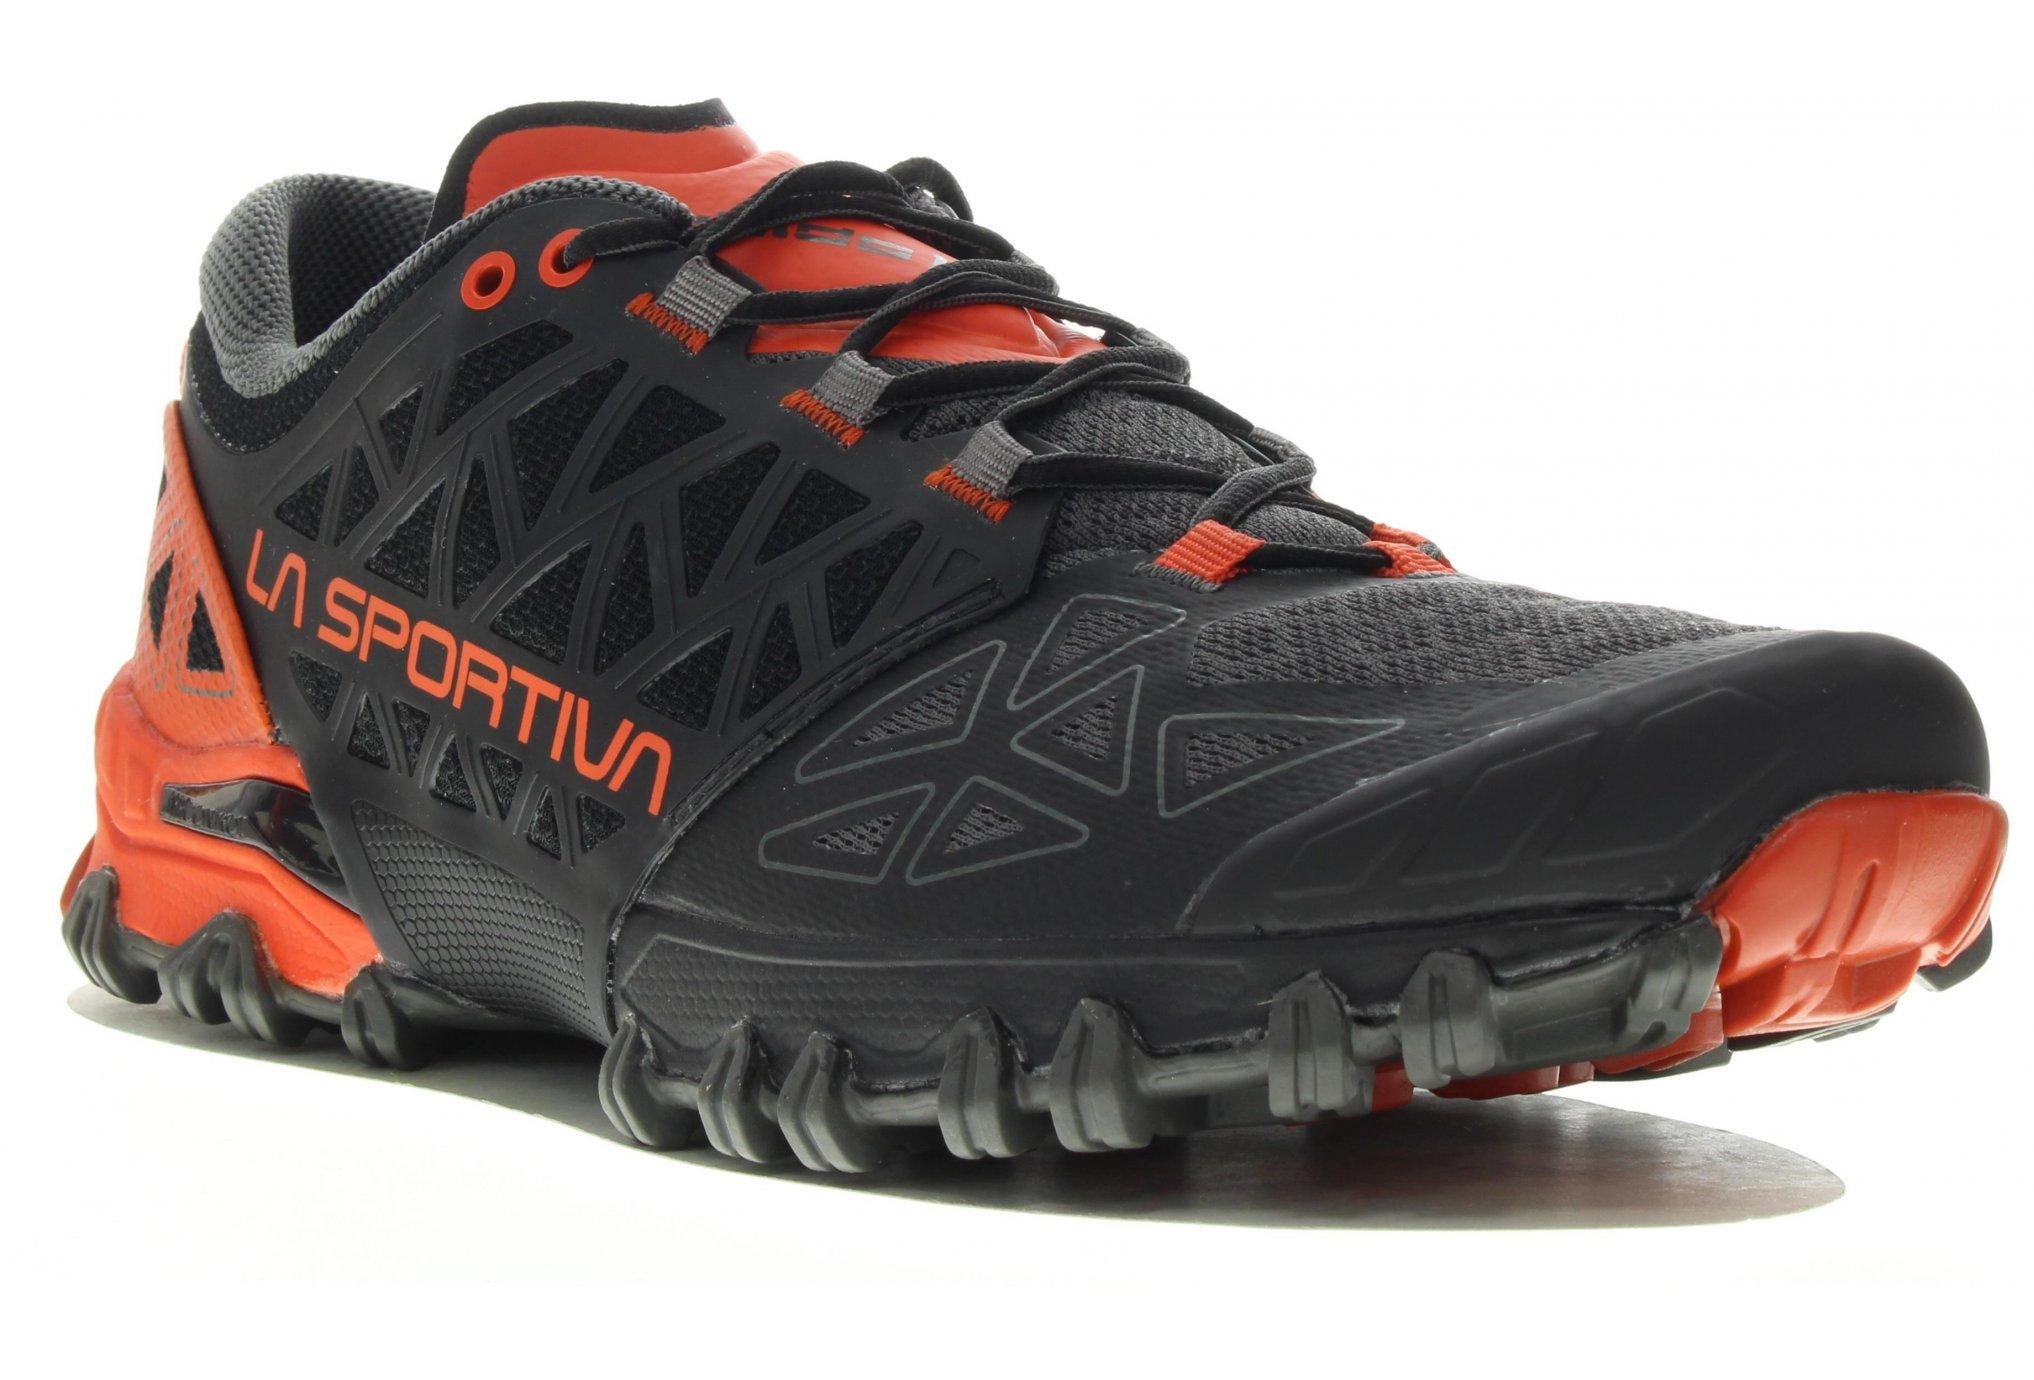 Selon De D'achat Trail Chaussures Comparatif Tableau Guide ZCA5qw8xY